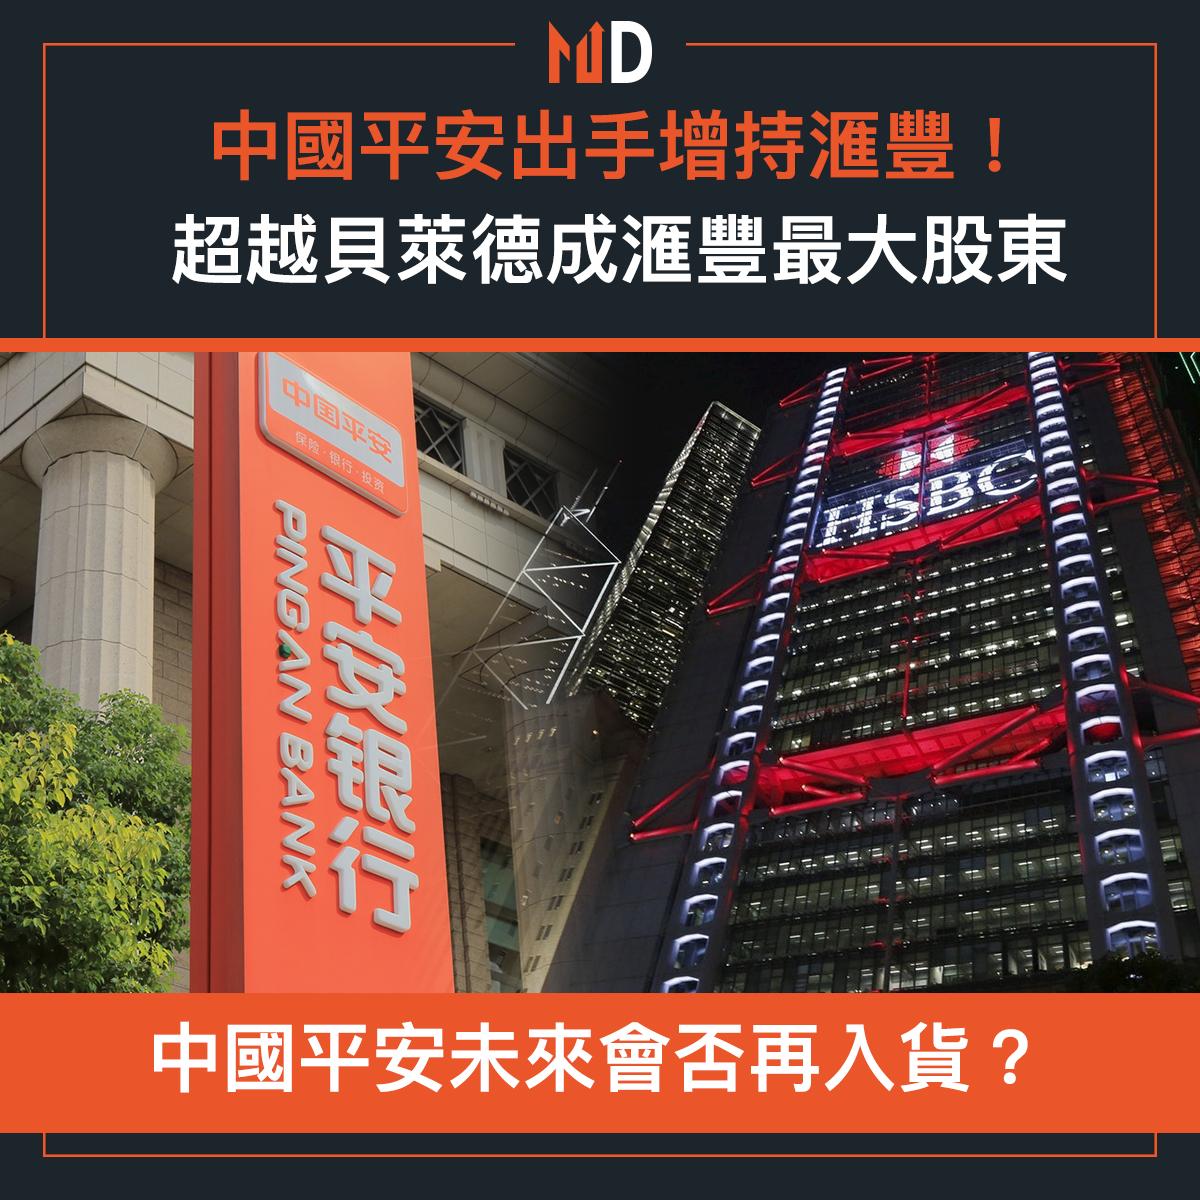 【平保買貨】中國平安出手增持滙豐!超越貝萊德成滙豐最大股東